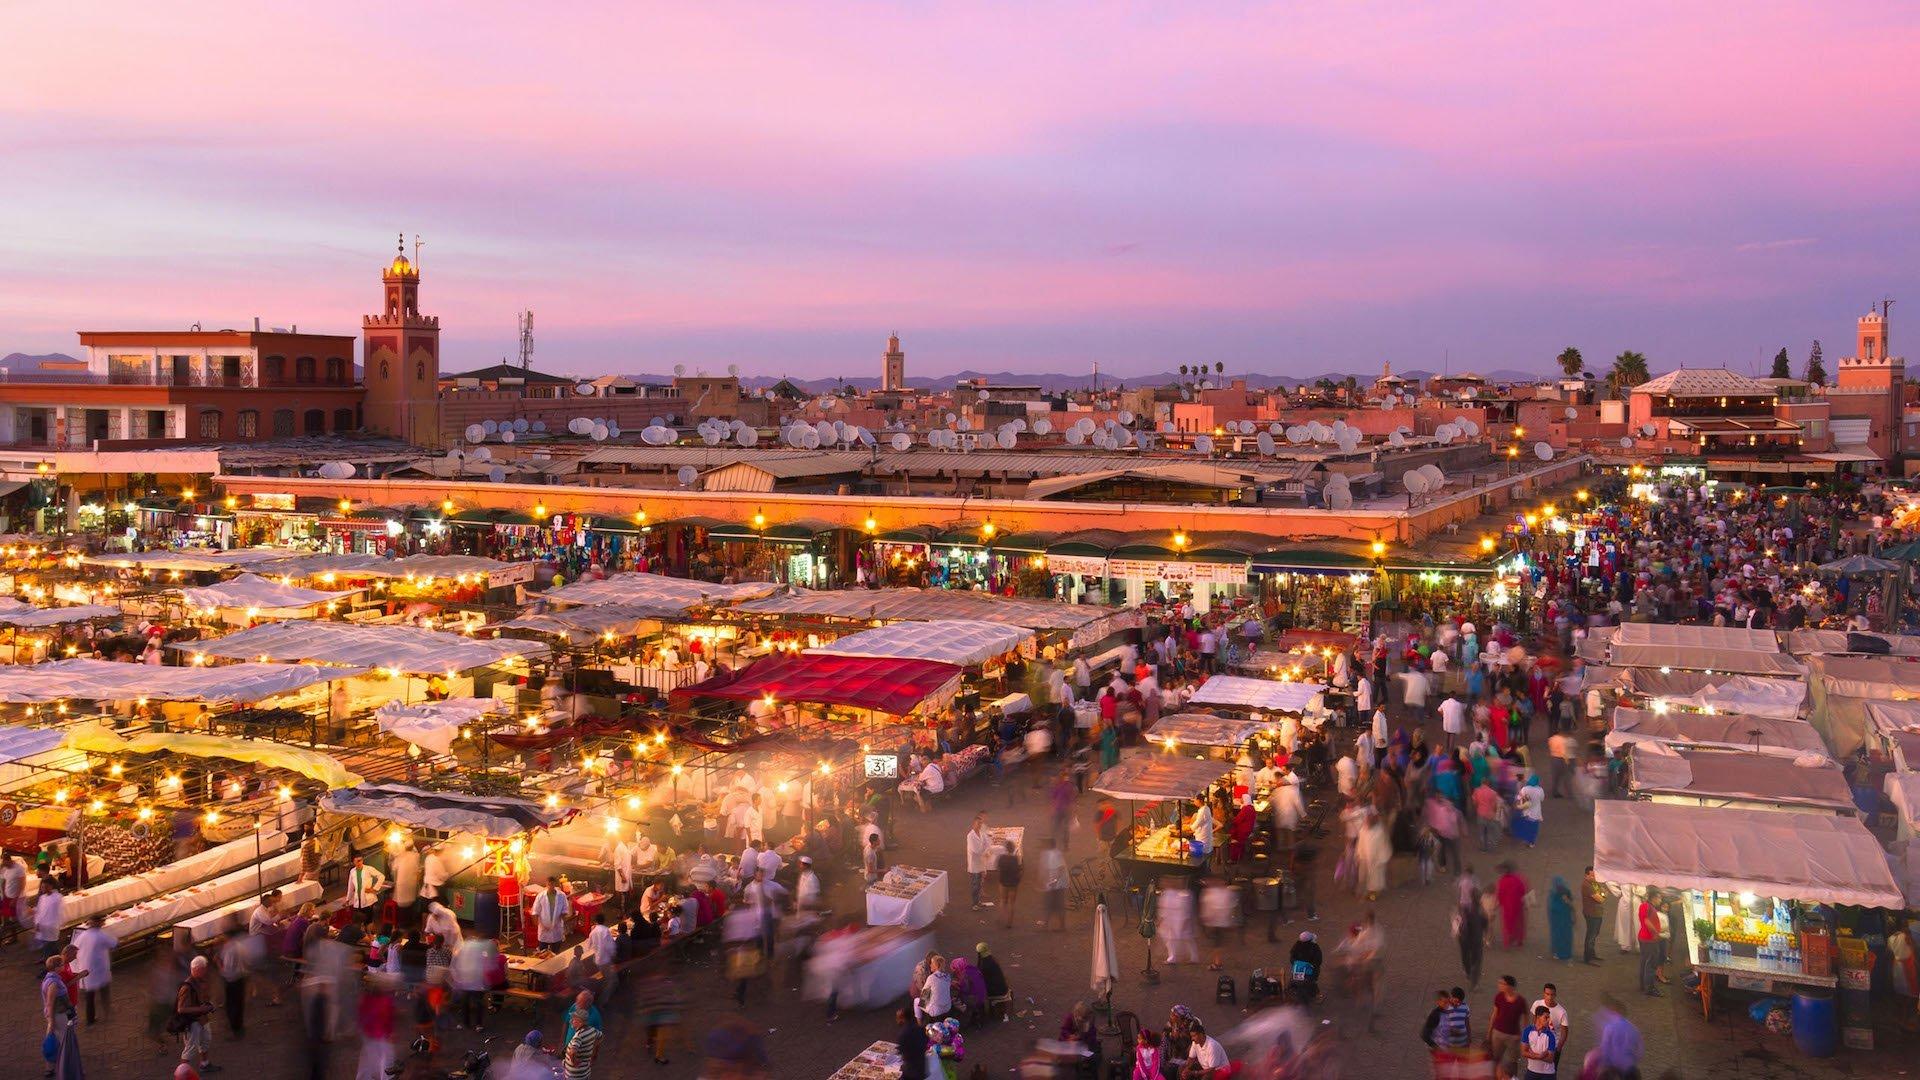 Marrakech_Jamma-El-Fna